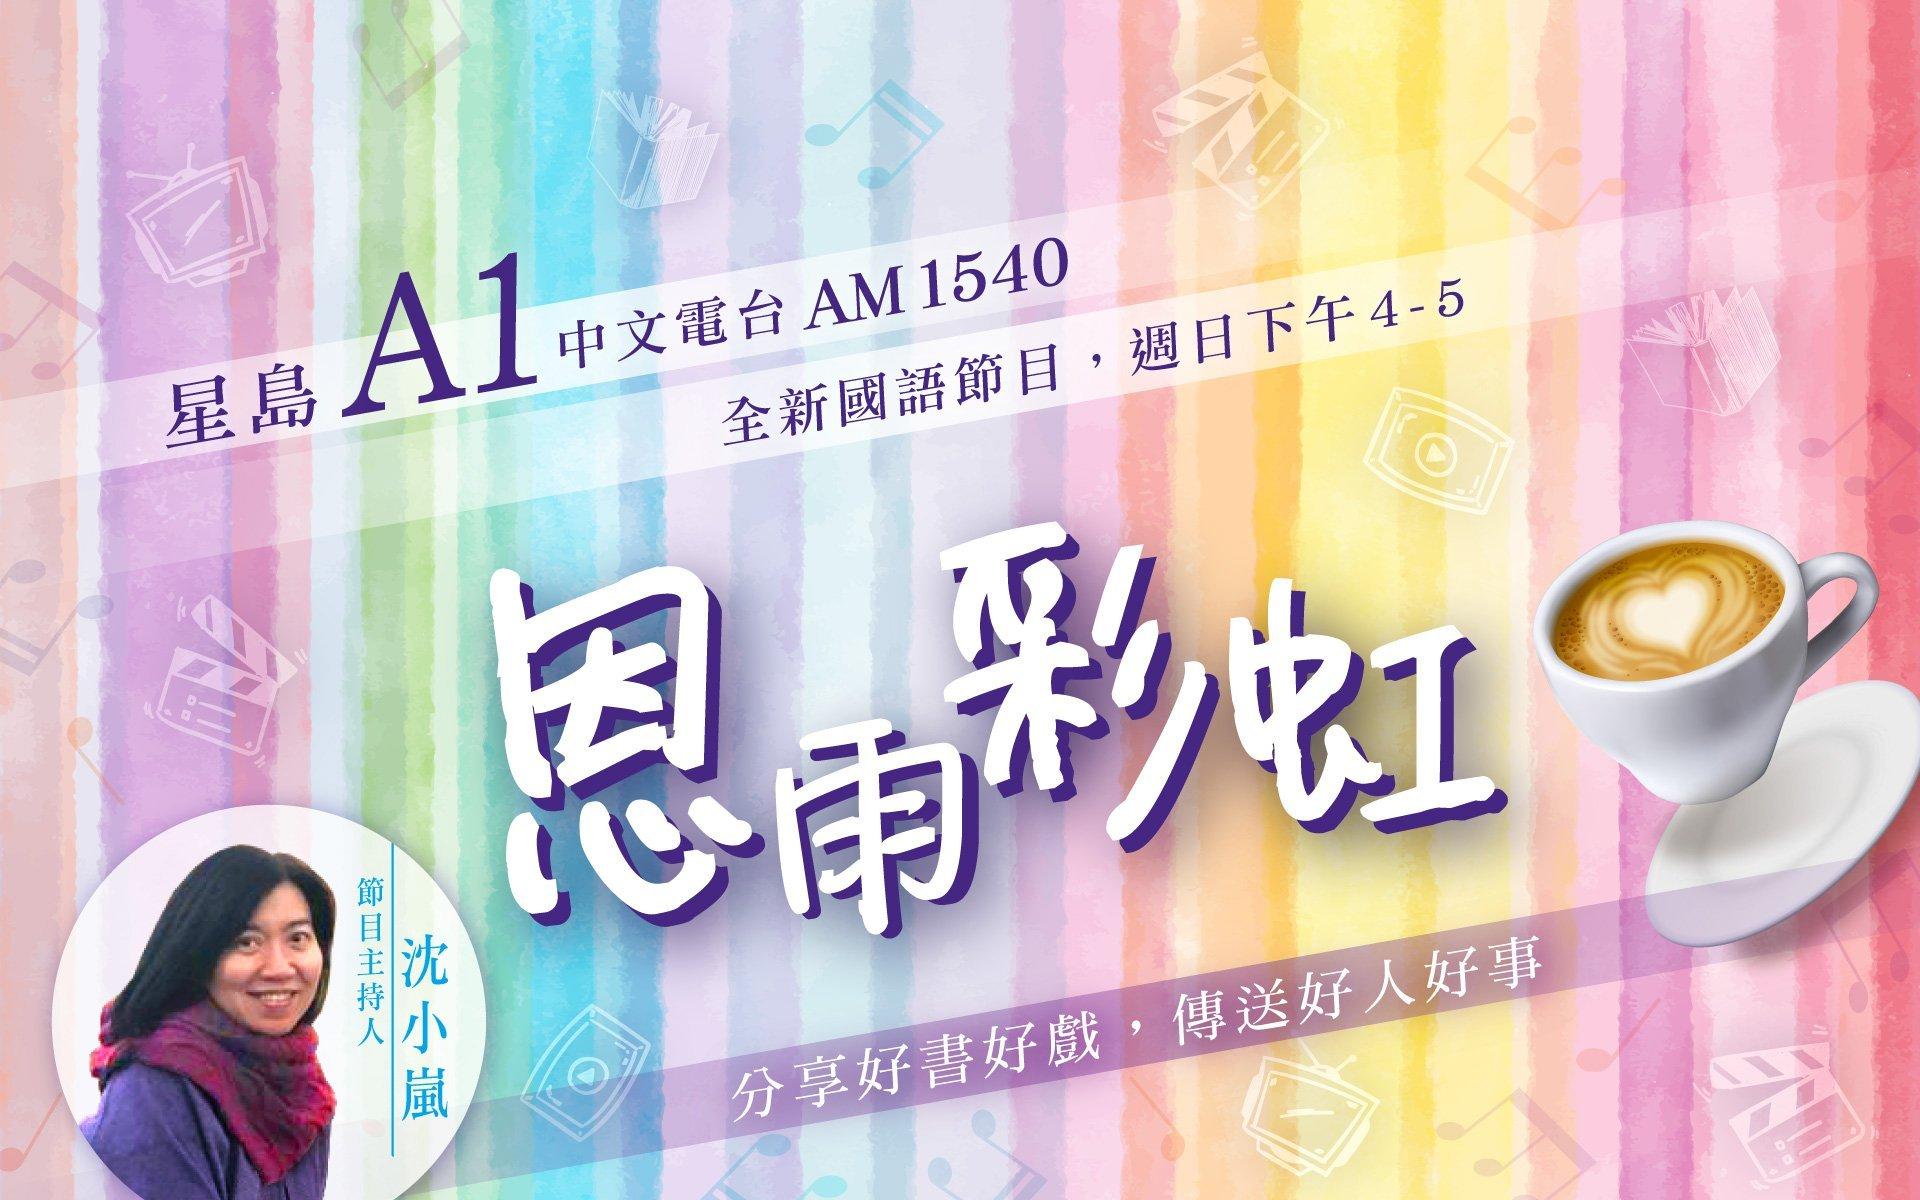 星島A1中文電台 全新國語節目﹕恩雨彩虹